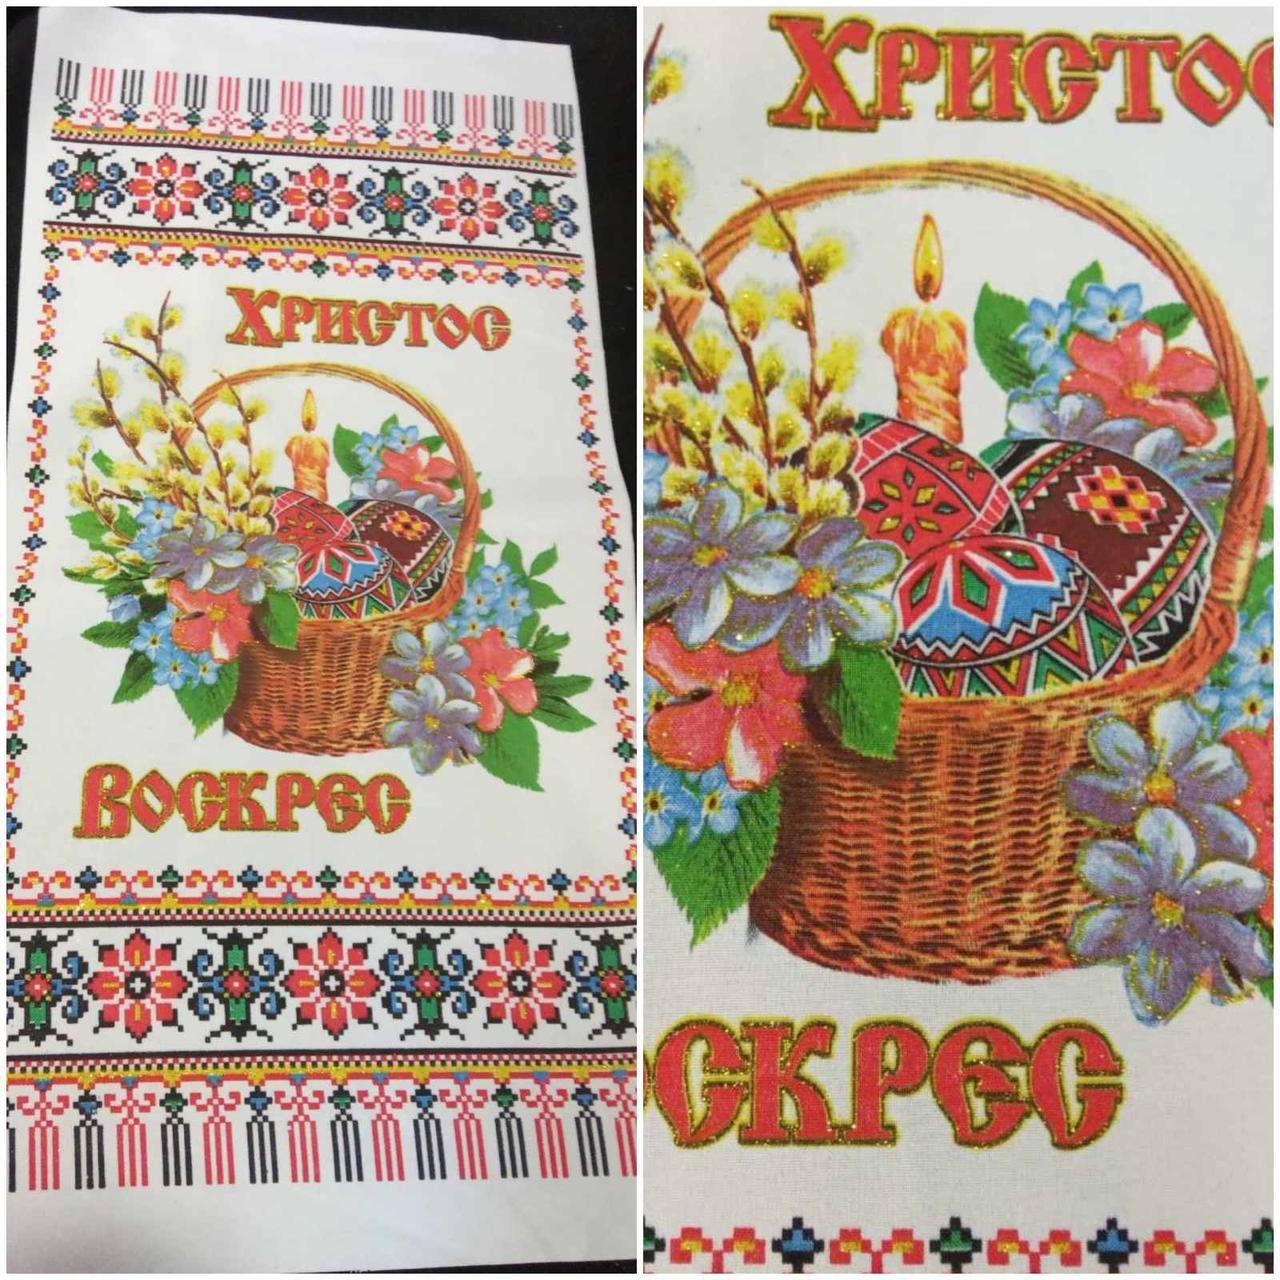 Серветка для пасхальної корзинки, матеріал - габардин, 58х28 см., 30/20 (цена за 1 шт. + 10 гр.)